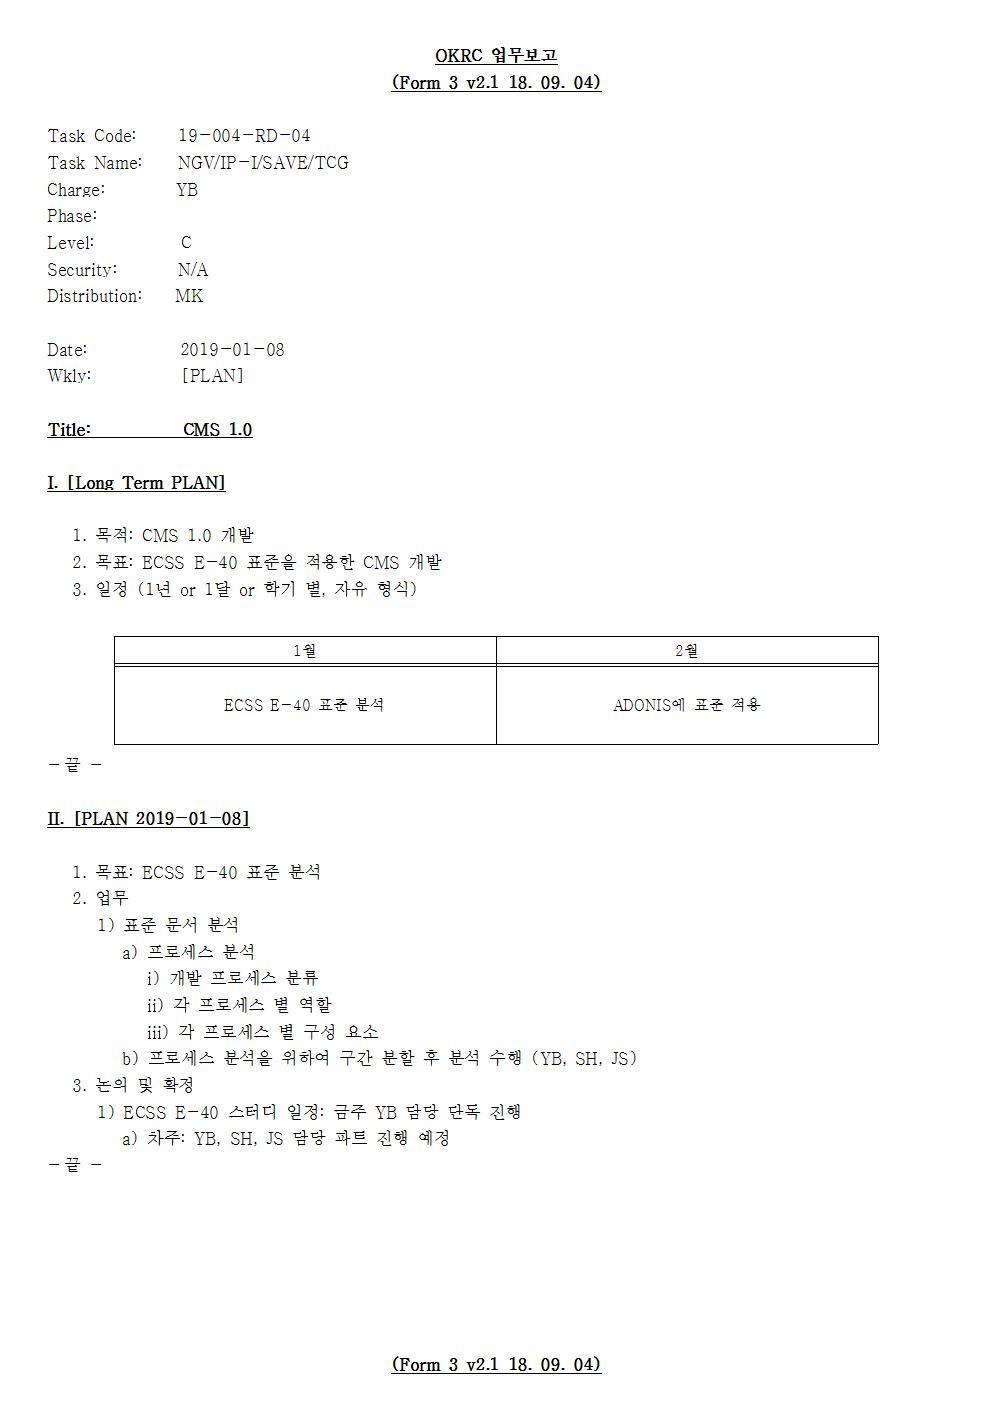 D-[19-004-RD-04]-[CMS]-[2019-01-08][YB]001.jpg